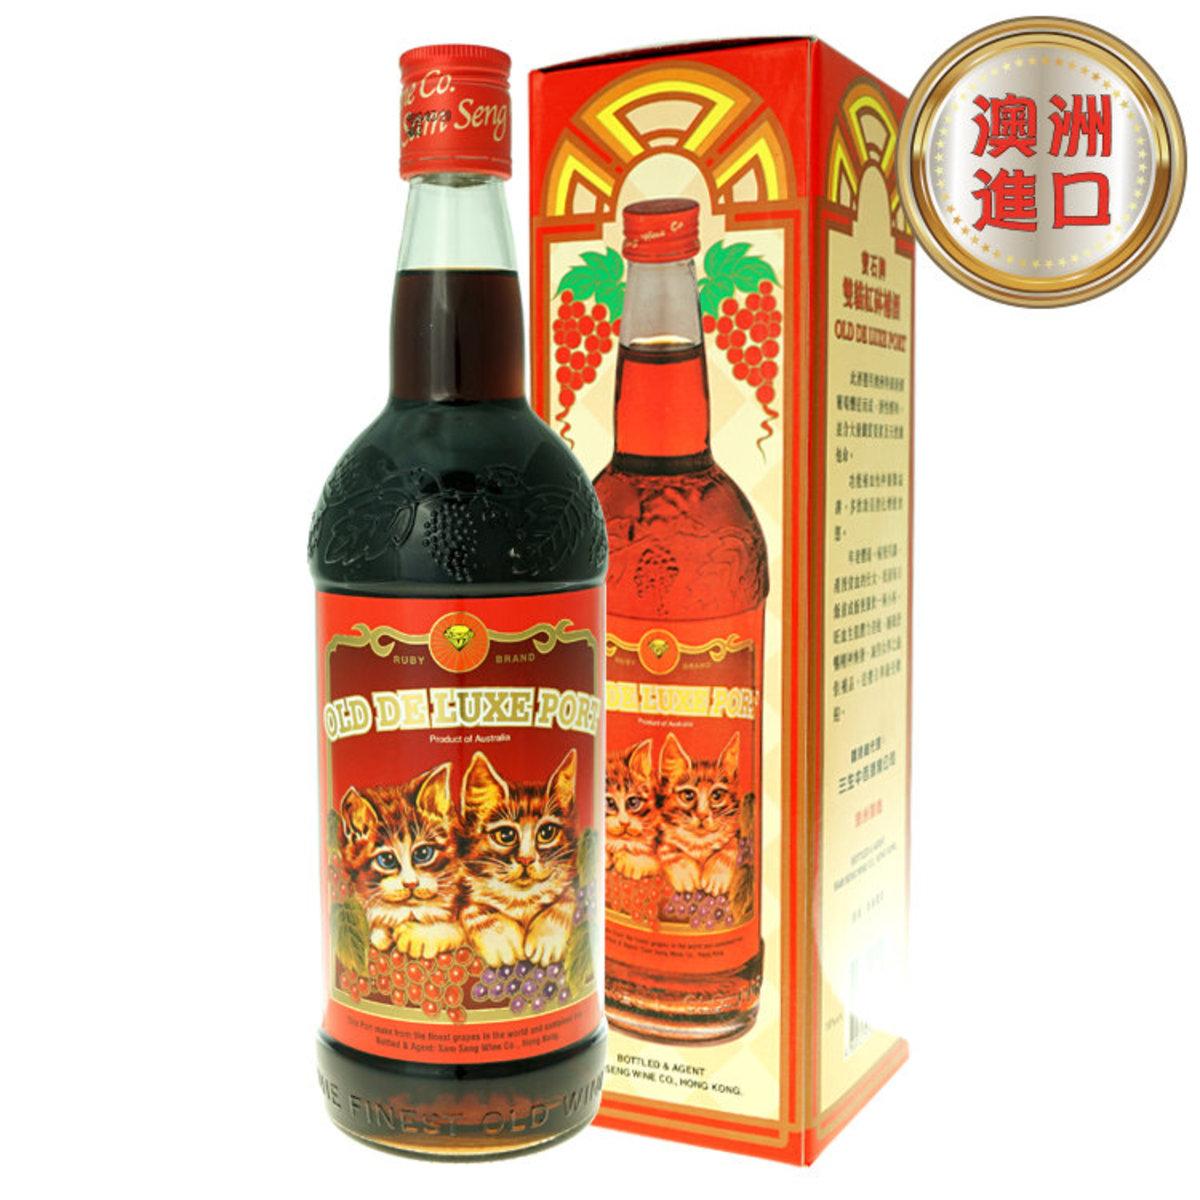 寶石雙貓紅砵酒 750ml OLD DELUXE PORT